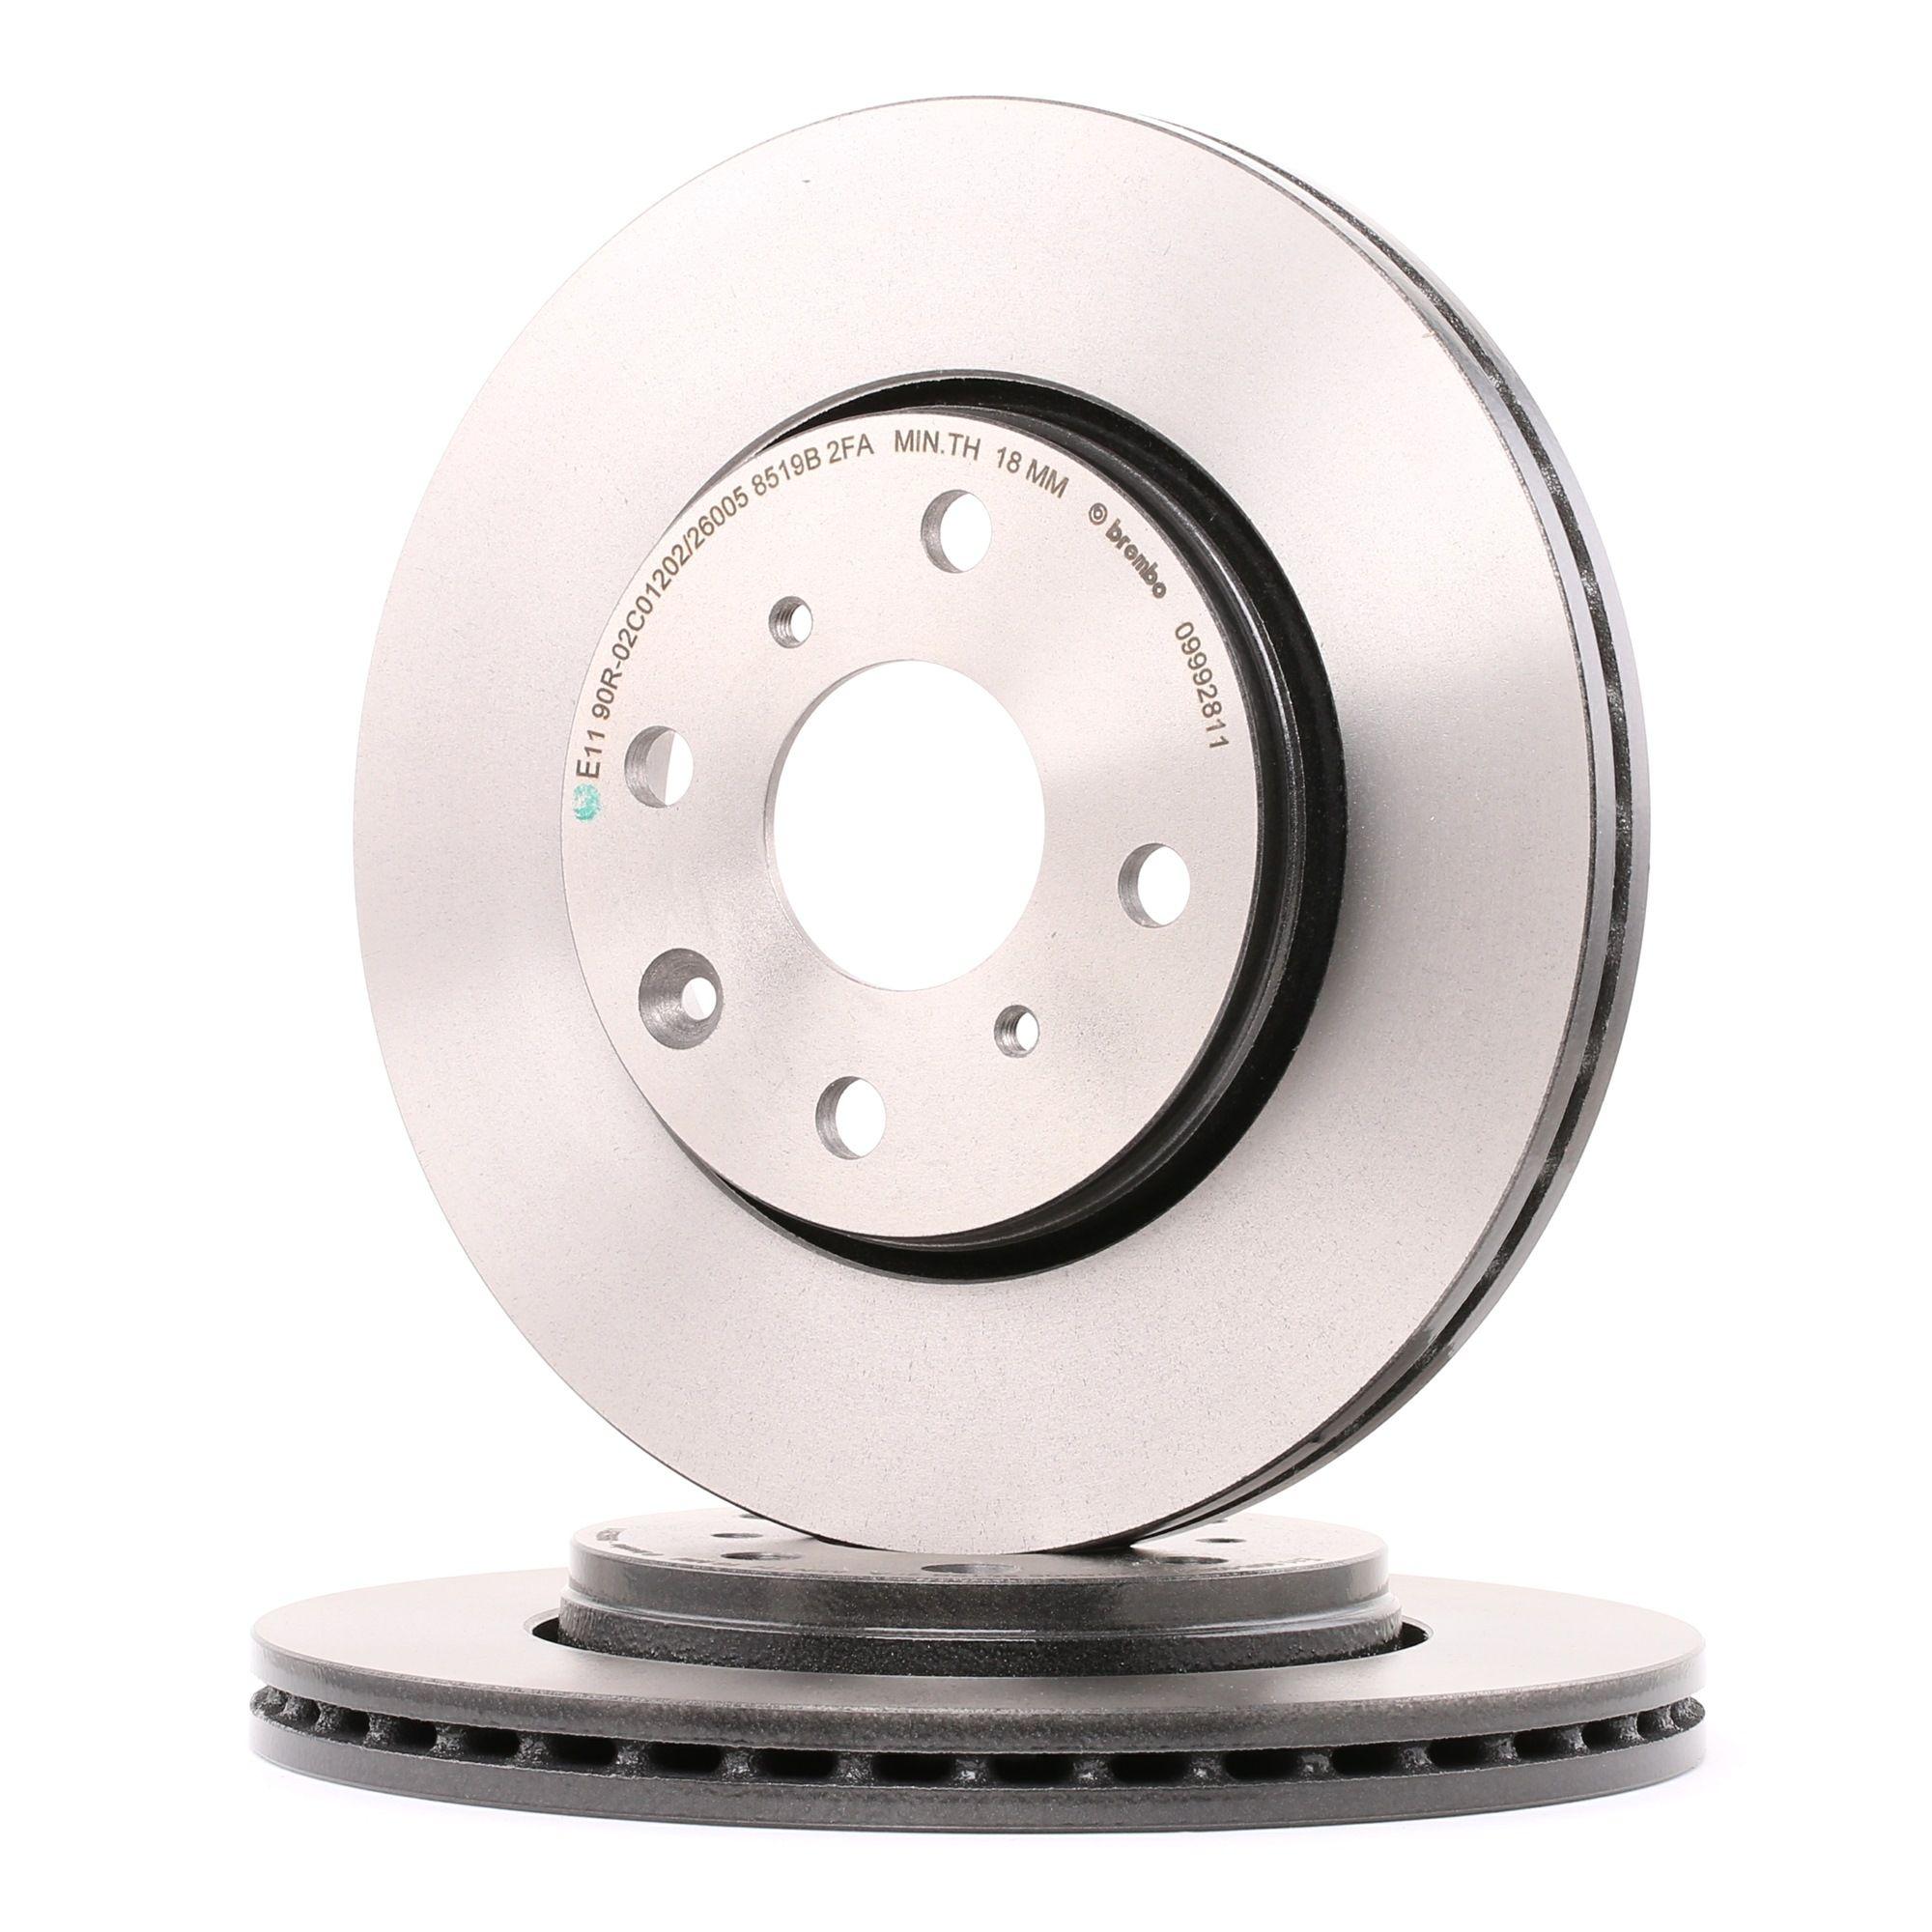 09.9928.11 BREMBO COATED DISC LINE 3, 37 Ø: 247mm, Lochanzahl: 4, Bremsscheibendicke: 20mm Bremsscheibe 09.9928.11 günstig kaufen